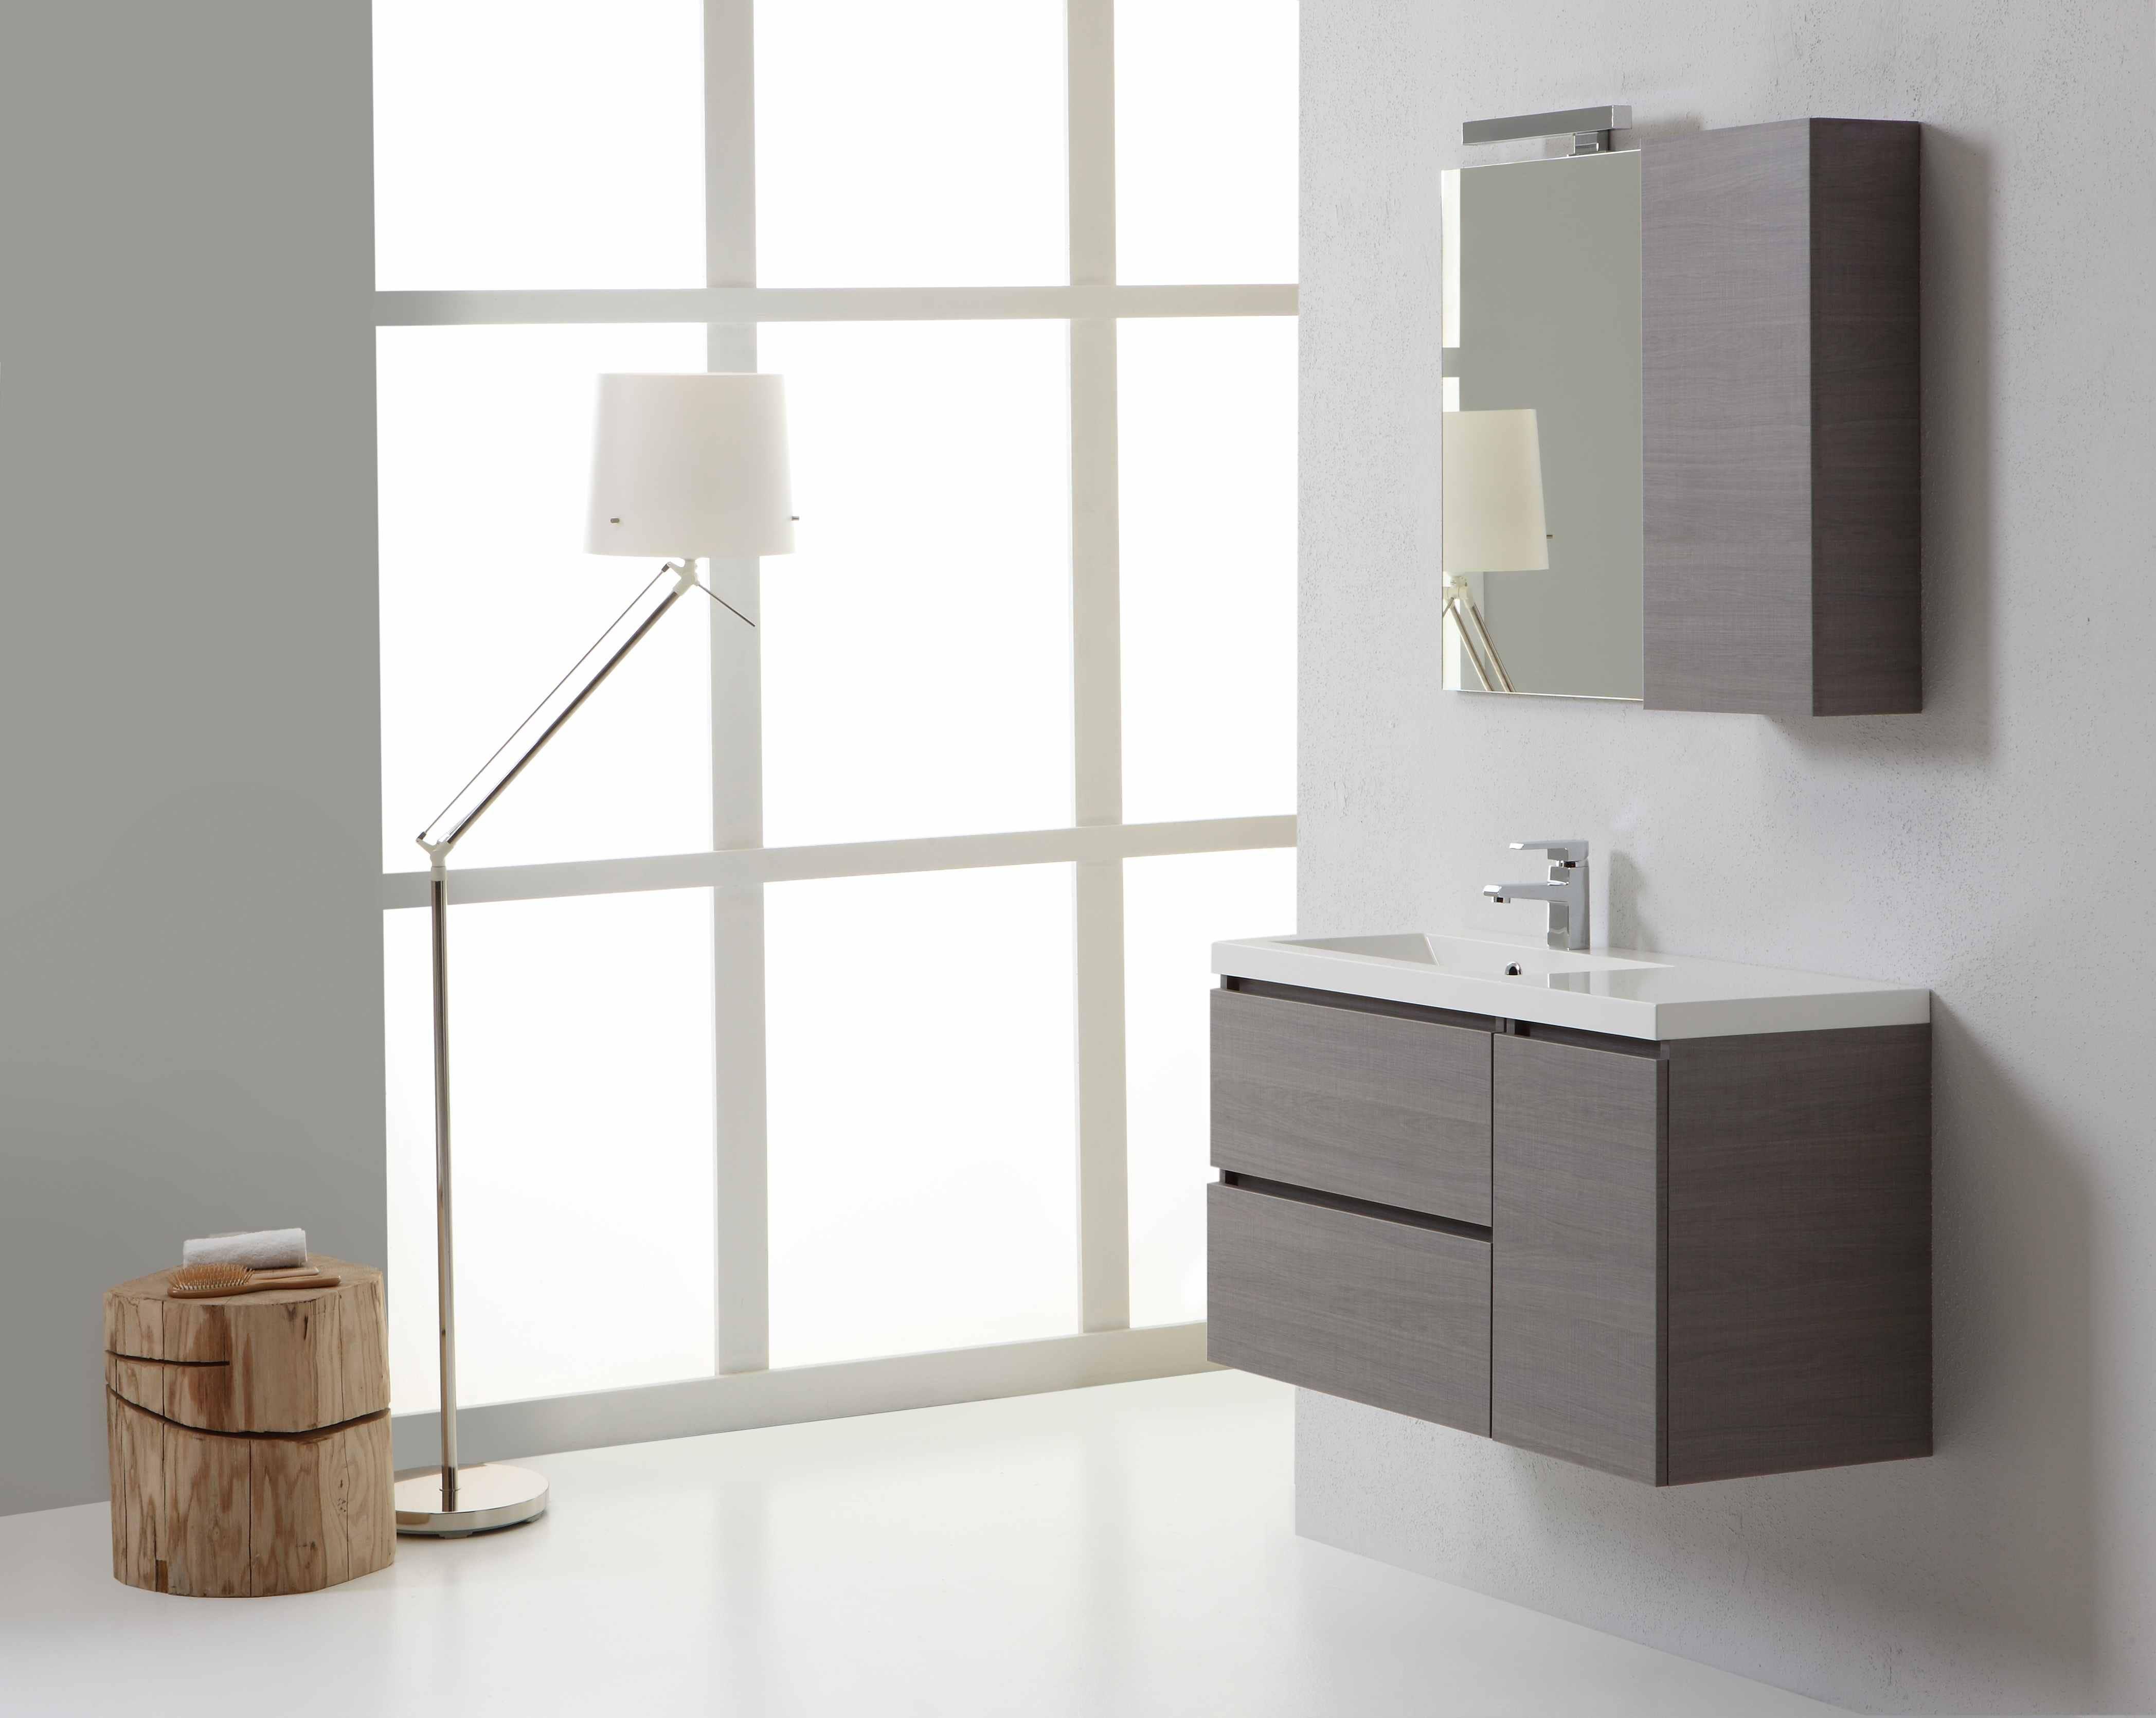 Mobile da bagno finitura grigio moderno disponibile online - Bagno moderno grigio ...